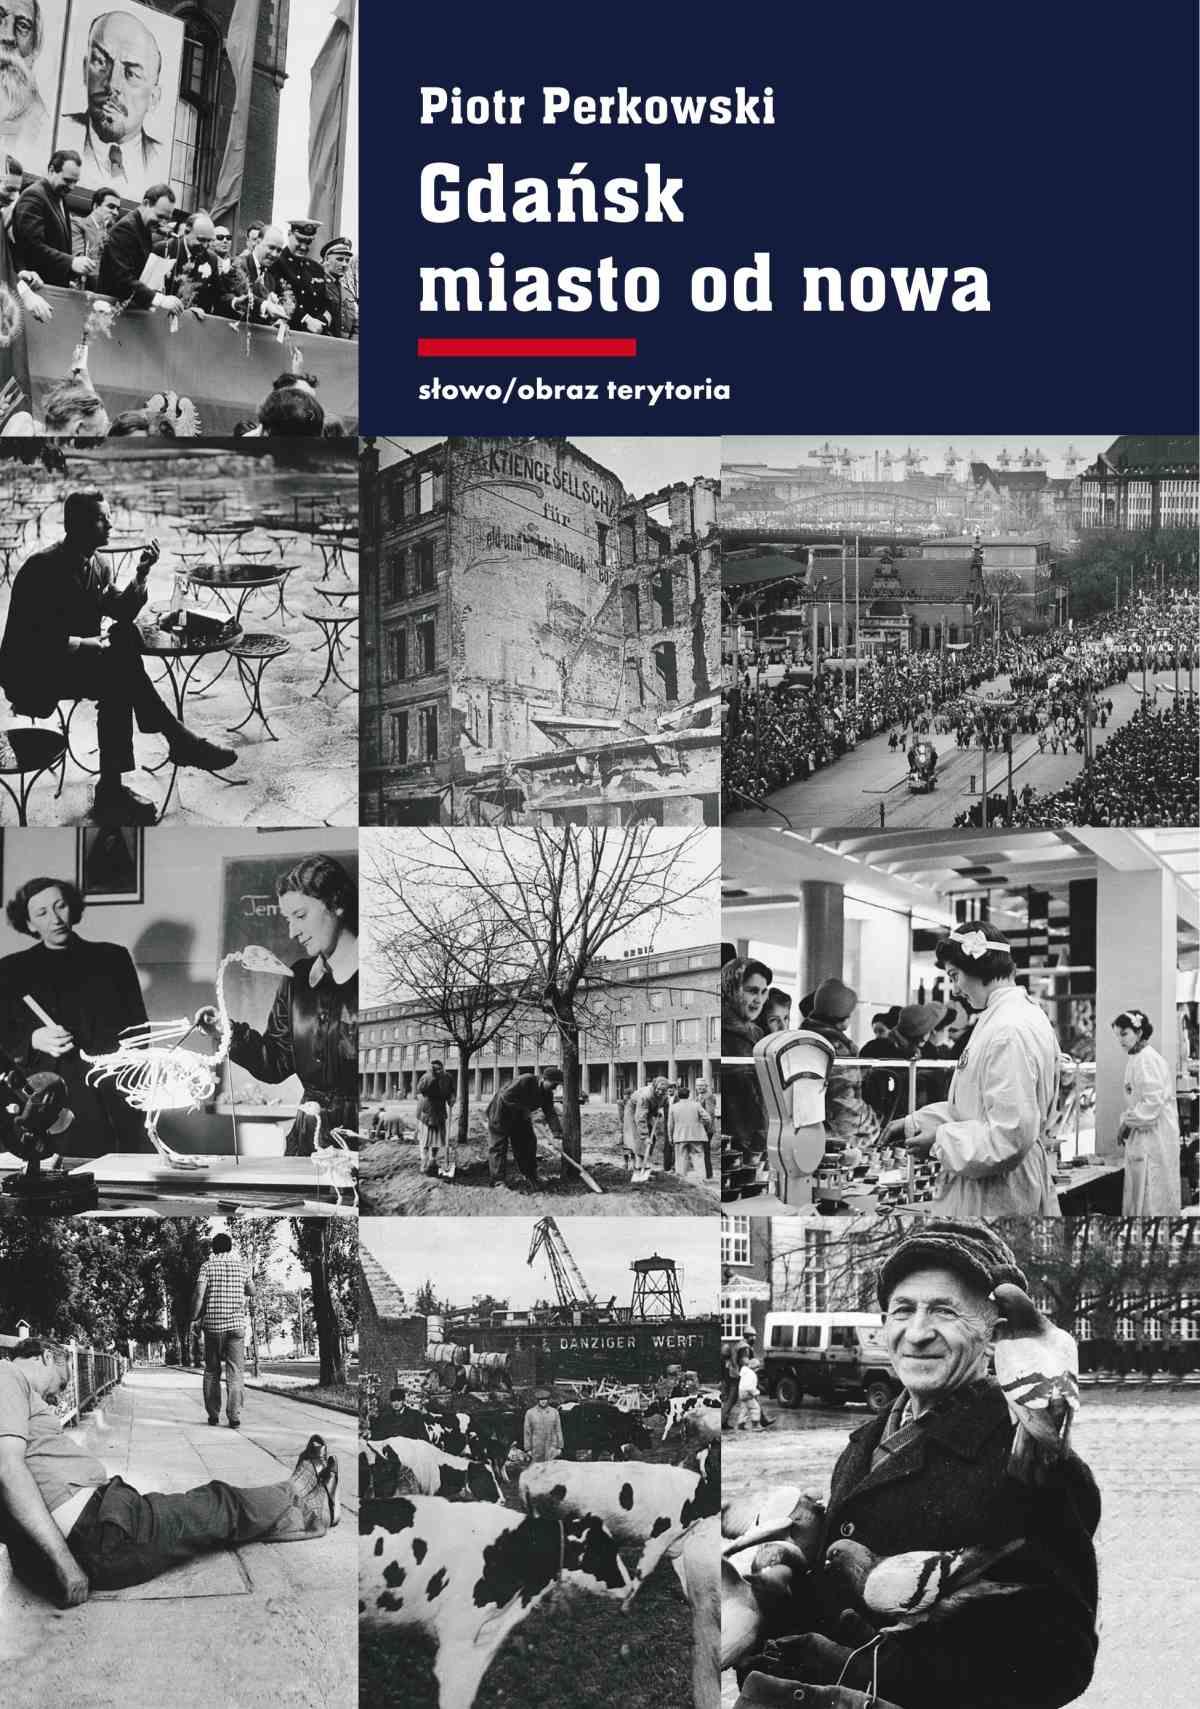 Gdańsk - miasto od nowa. Kształtowanie społeczeństwa i warunki bytowe w latach 1945–1970 - Ebook (Książka EPUB) do pobrania w formacie EPUB